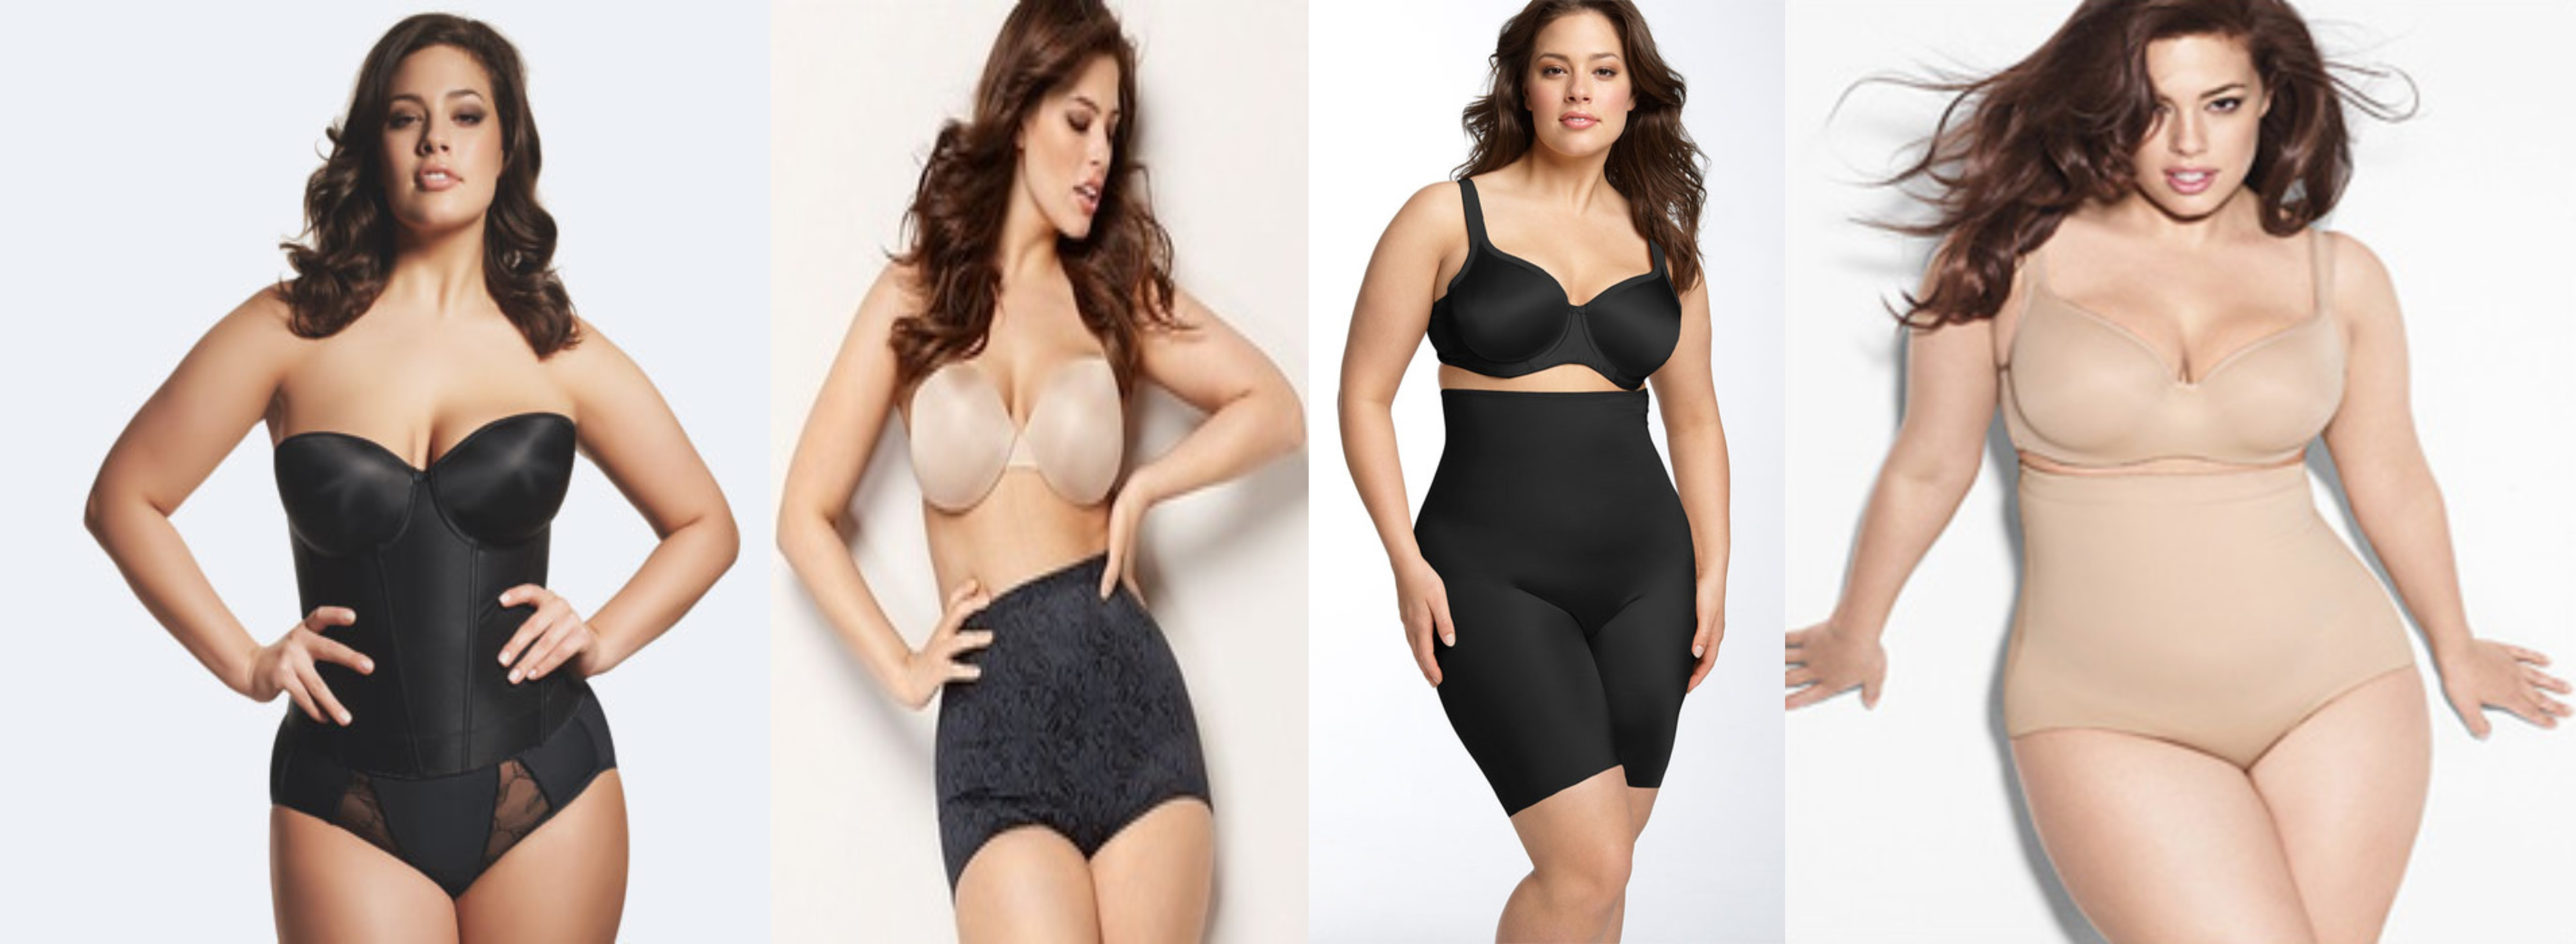 modeladores de corpo tipos